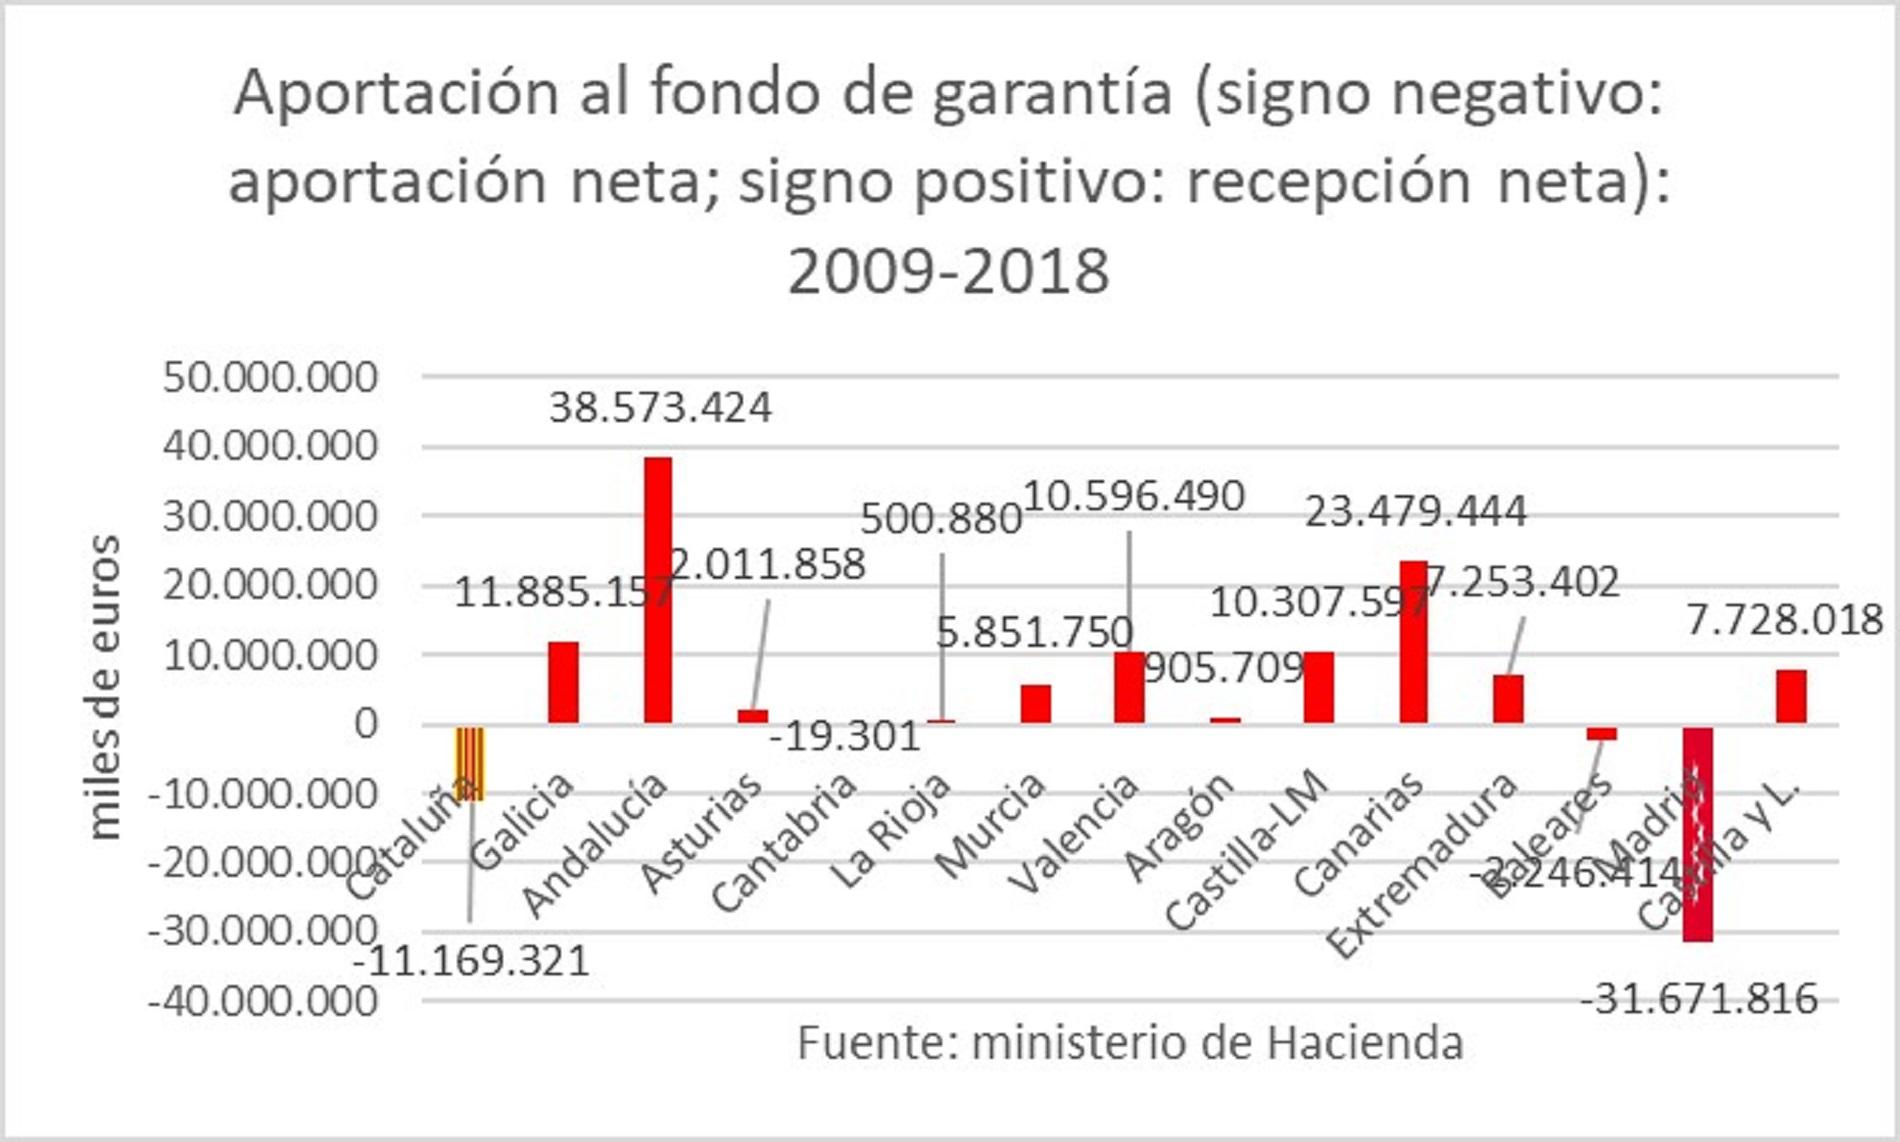 fondo-garantia-servicios-publicos-fundamentales-2009-2018.jpg